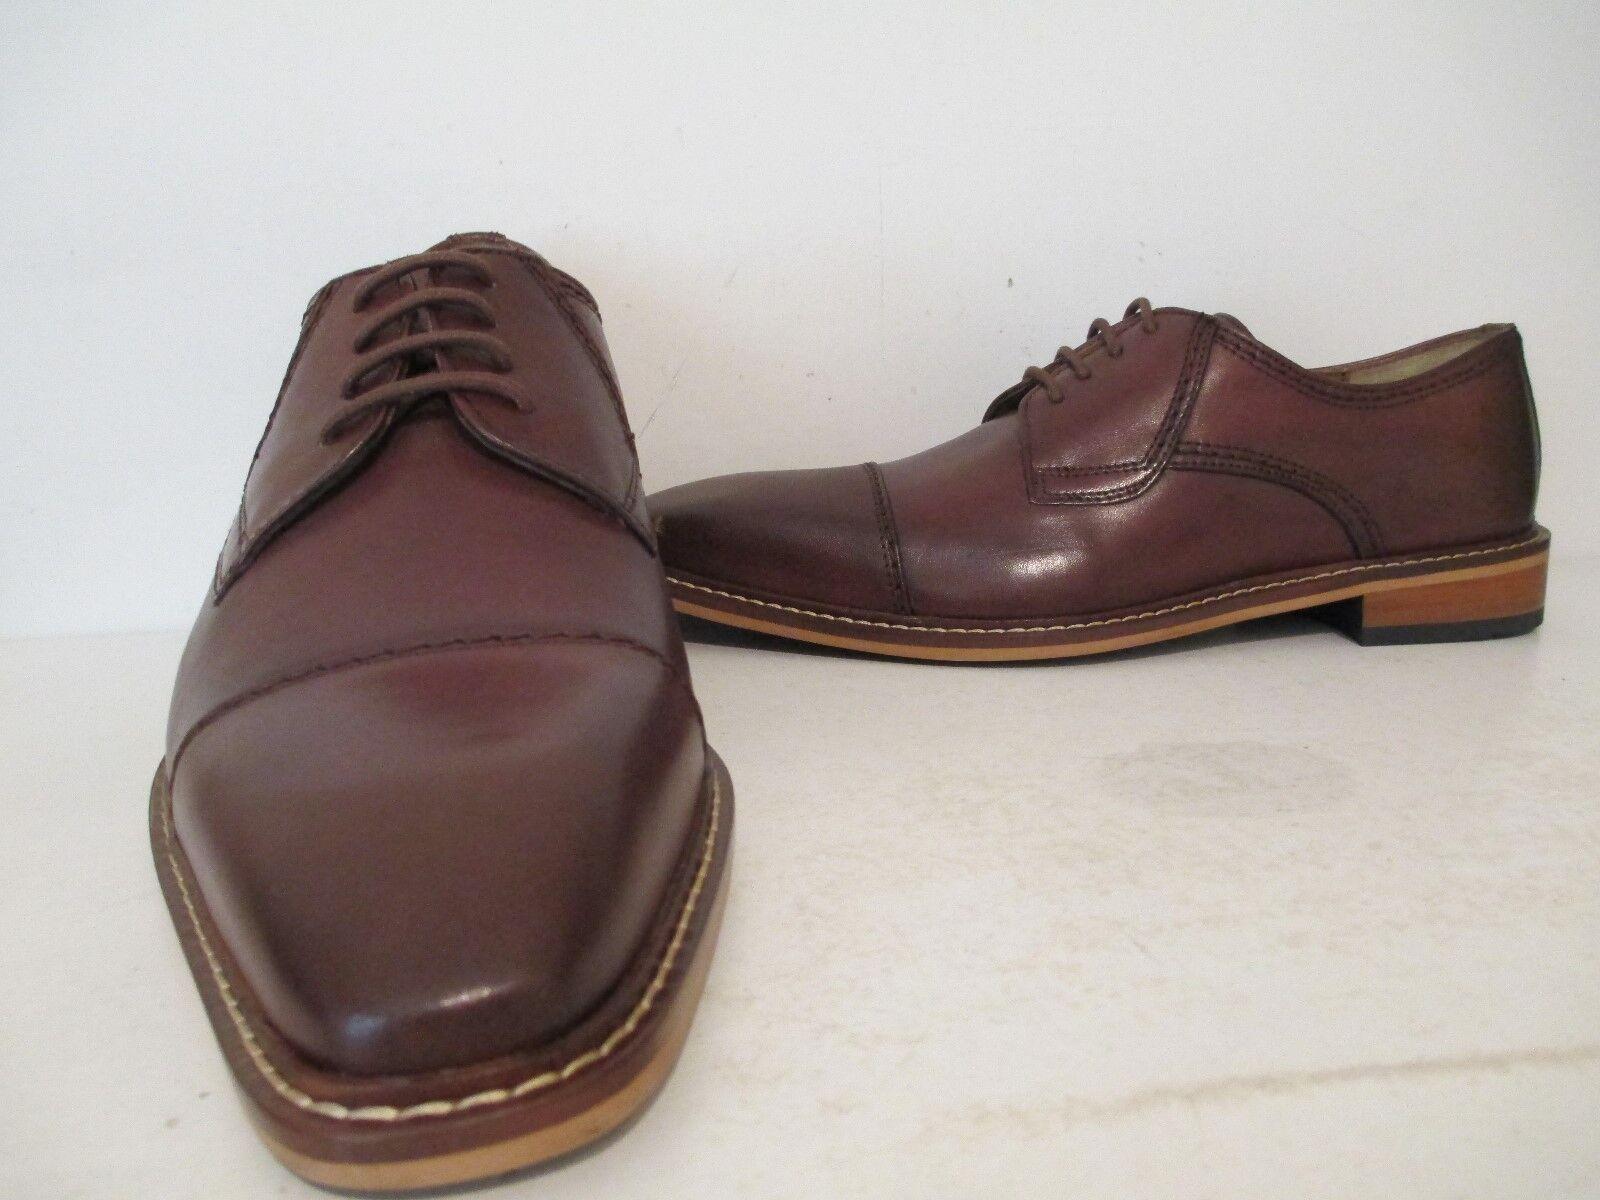 negozio online Giorgio Brutini Uomo Revenant 25074 Leather Oxford Dress scarpe scarpe scarpe Rust Dimensione 10.5 M  spedizione veloce e miglior servizio